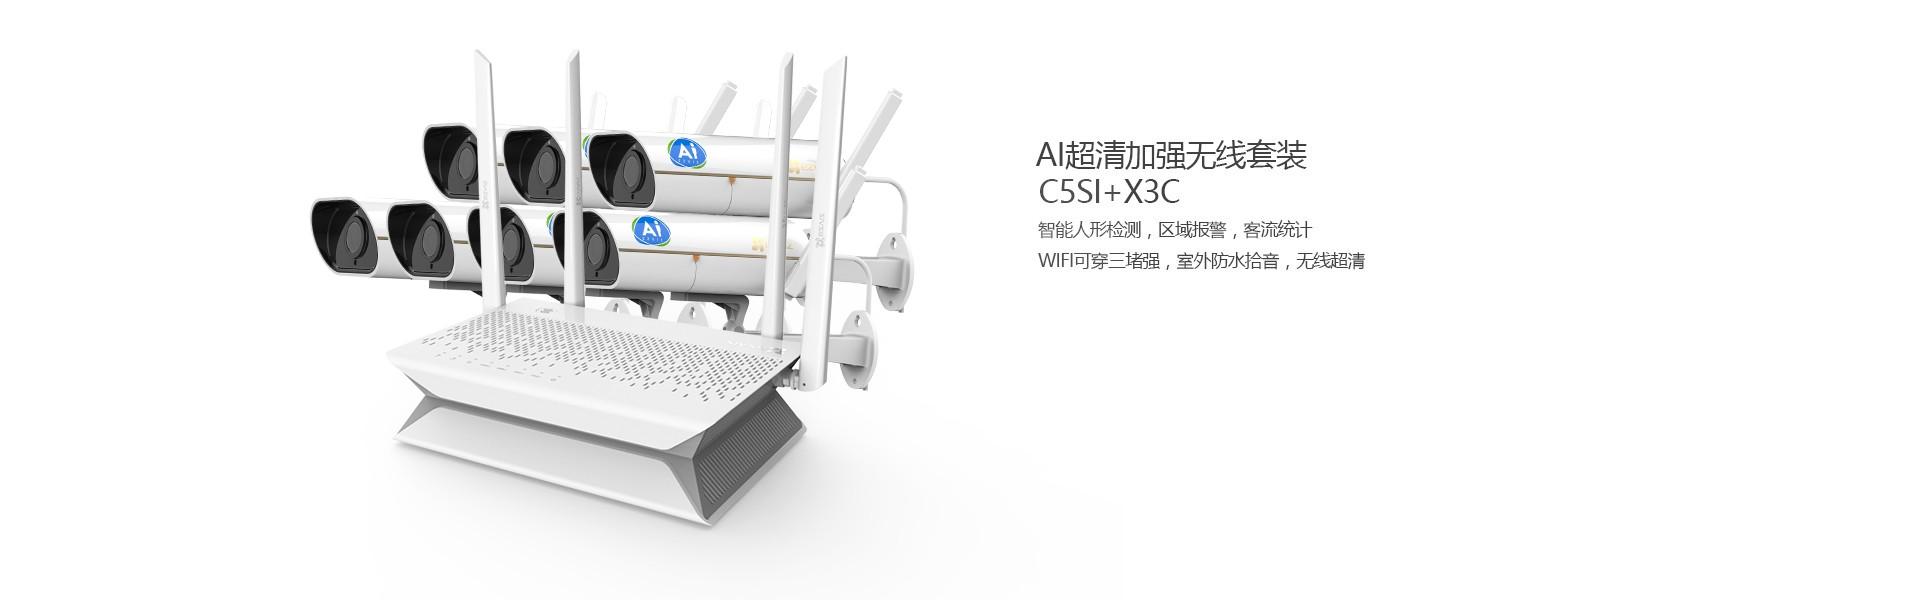 C5SI+X3C.jpg